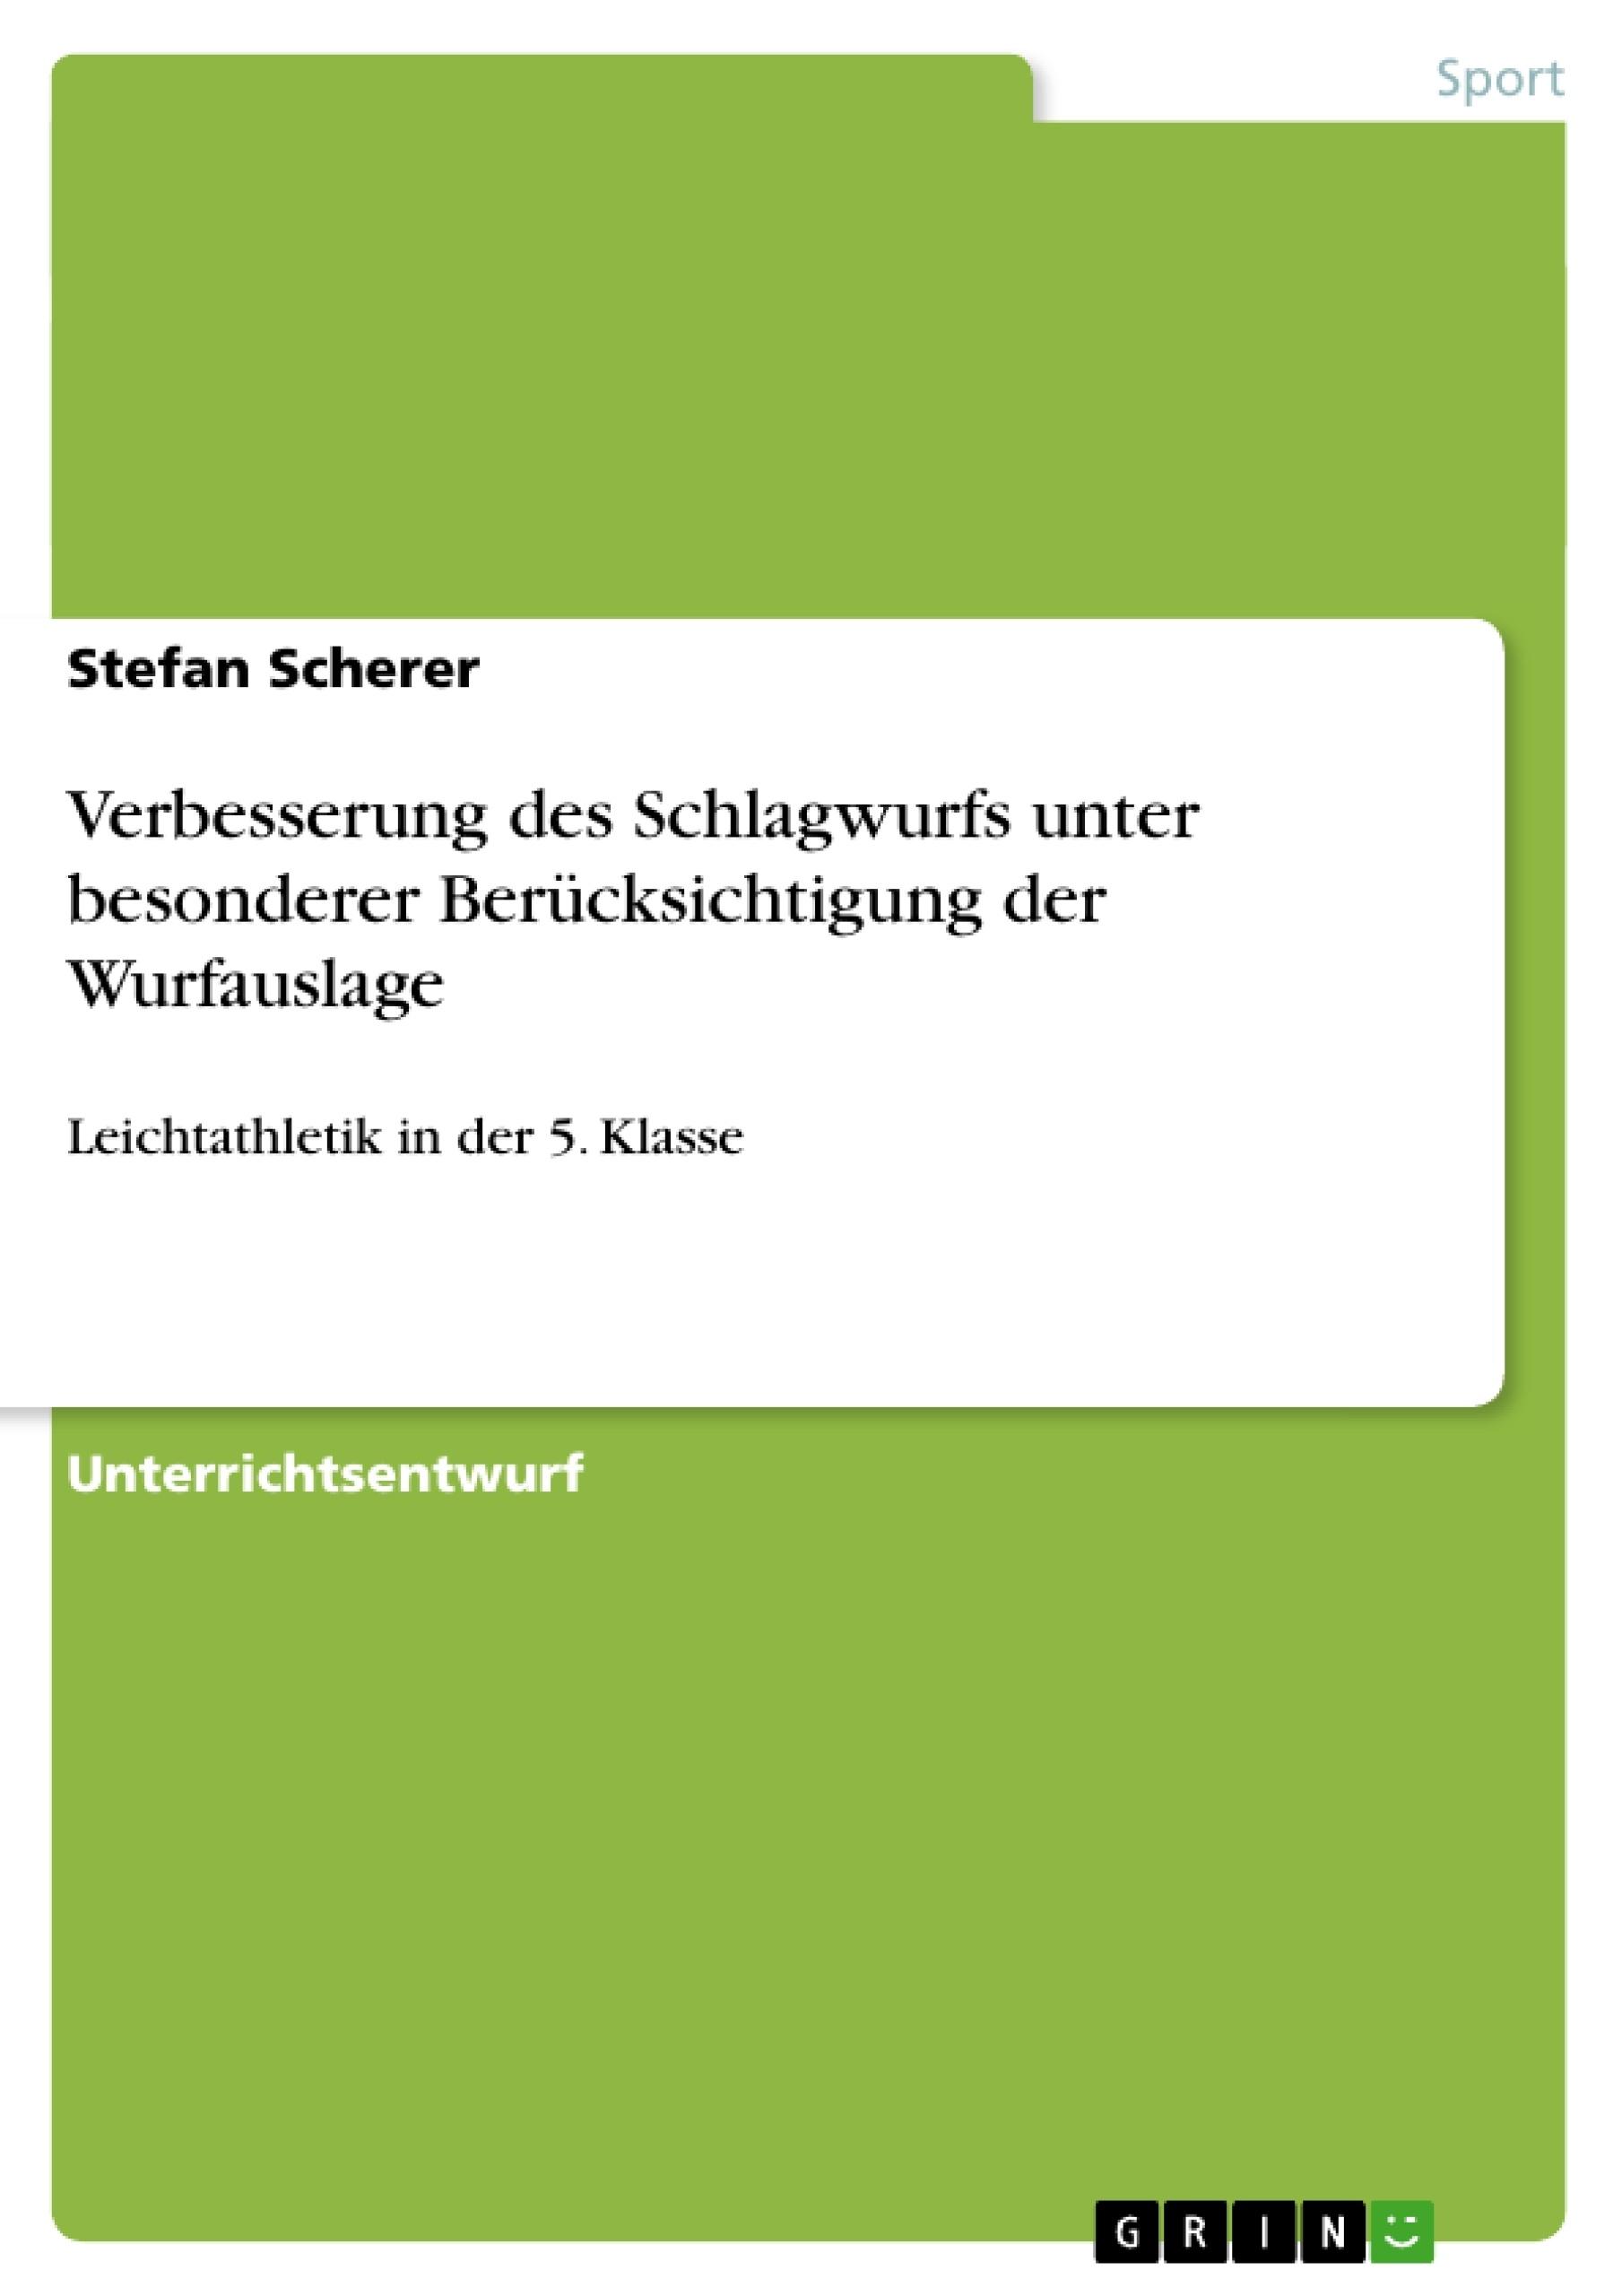 Titel: Verbesserung des Schlagwurfs unter besonderer Berücksichtigung der Wurfauslage